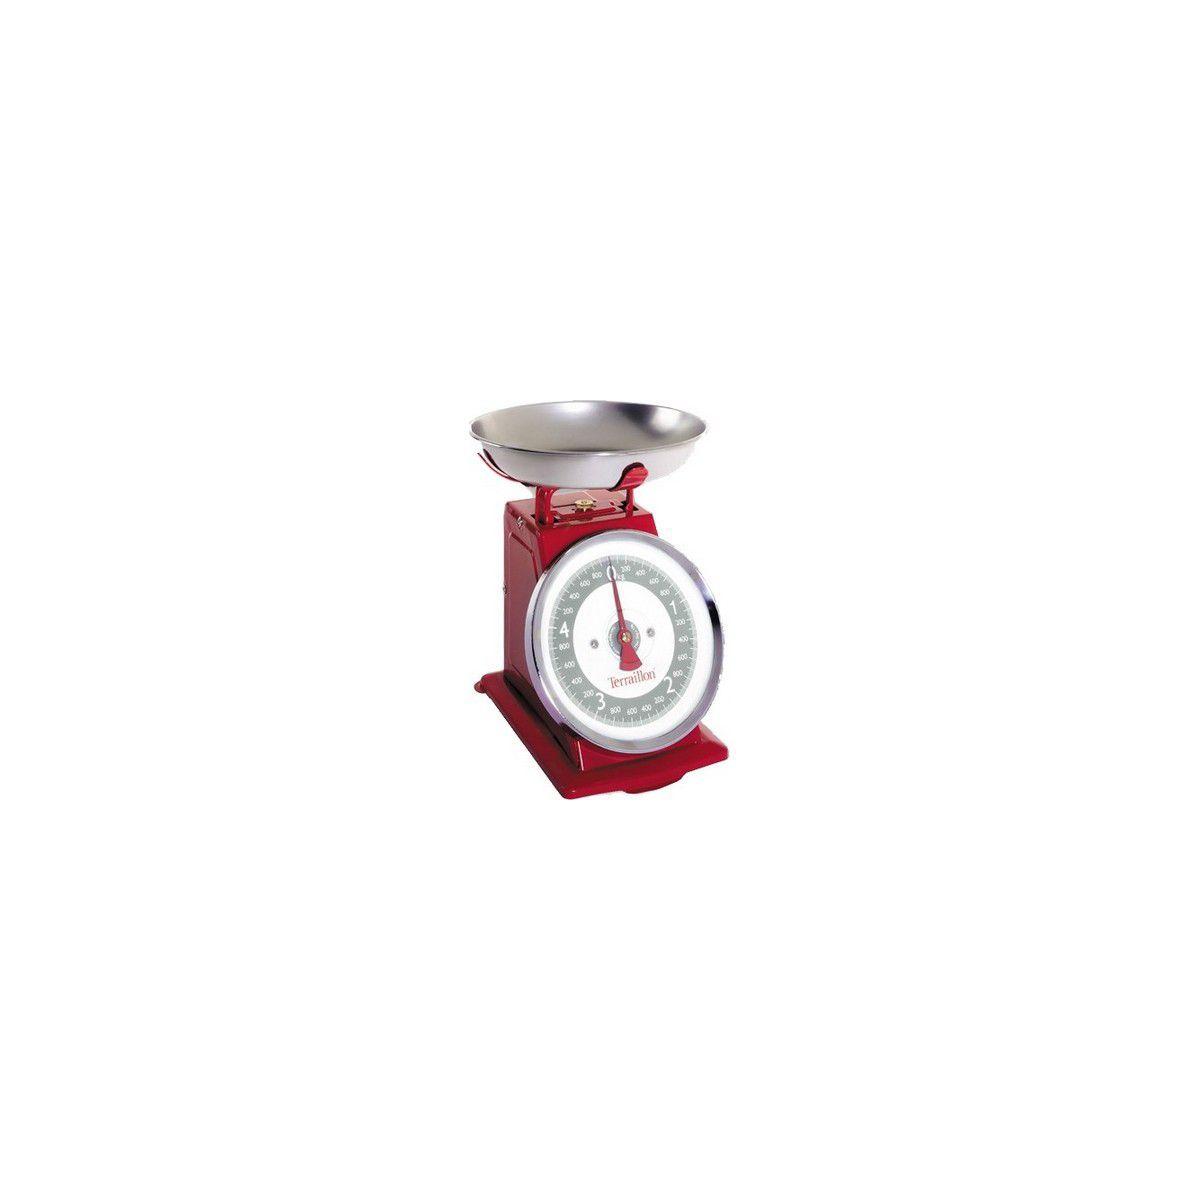 Balance de cuisine terraillon tradition 500 rouge - 7% de remise : code pam7